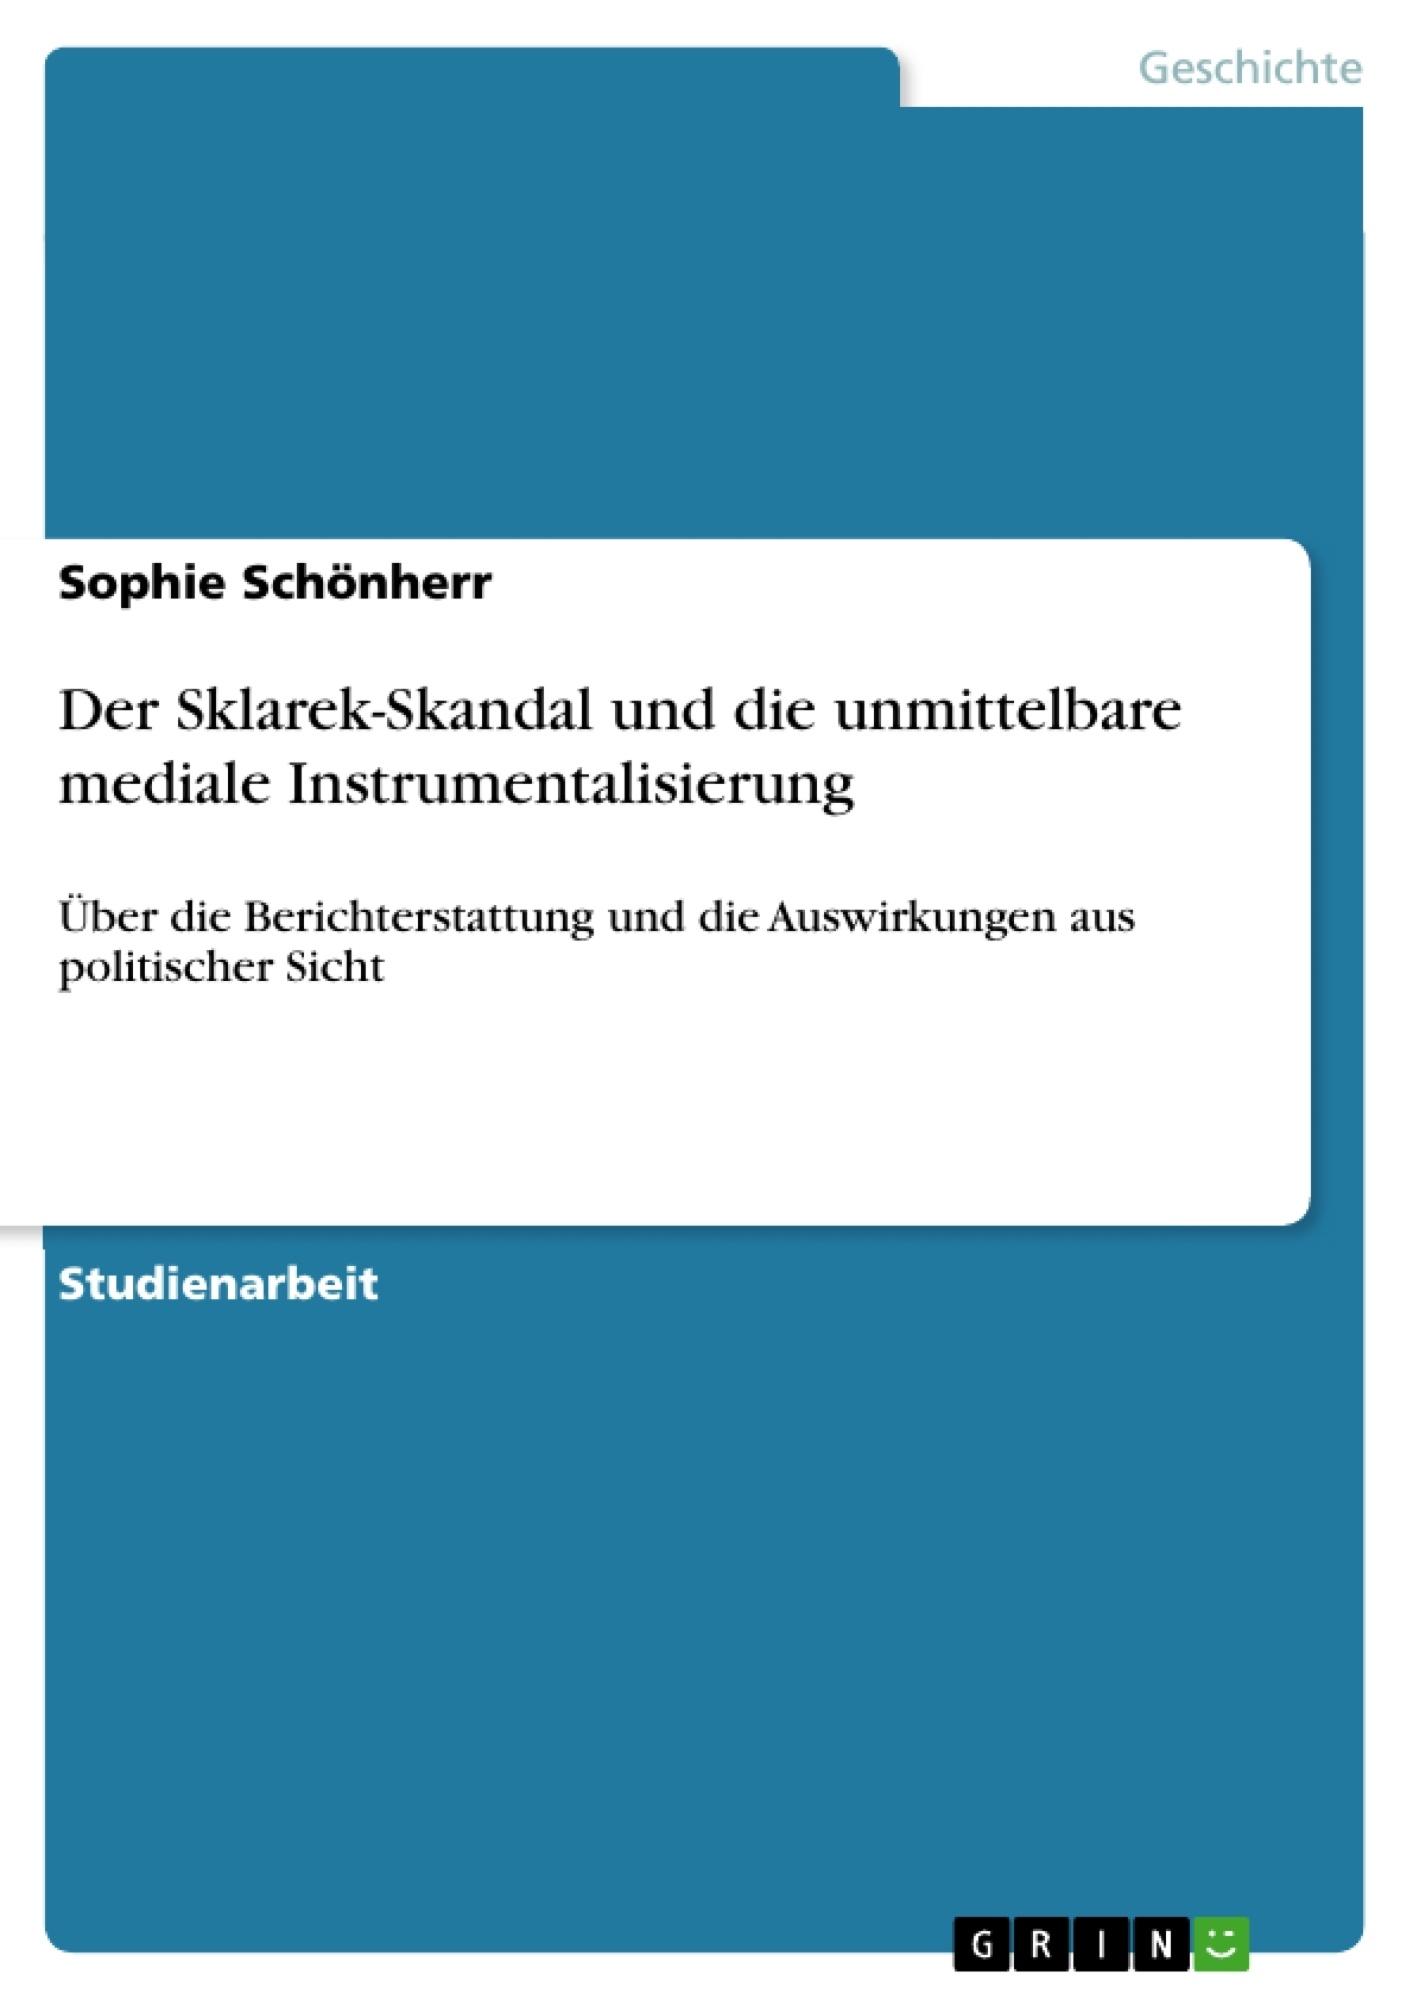 Titel: Der Sklarek-Skandal und die unmittelbare mediale Instrumentalisierung